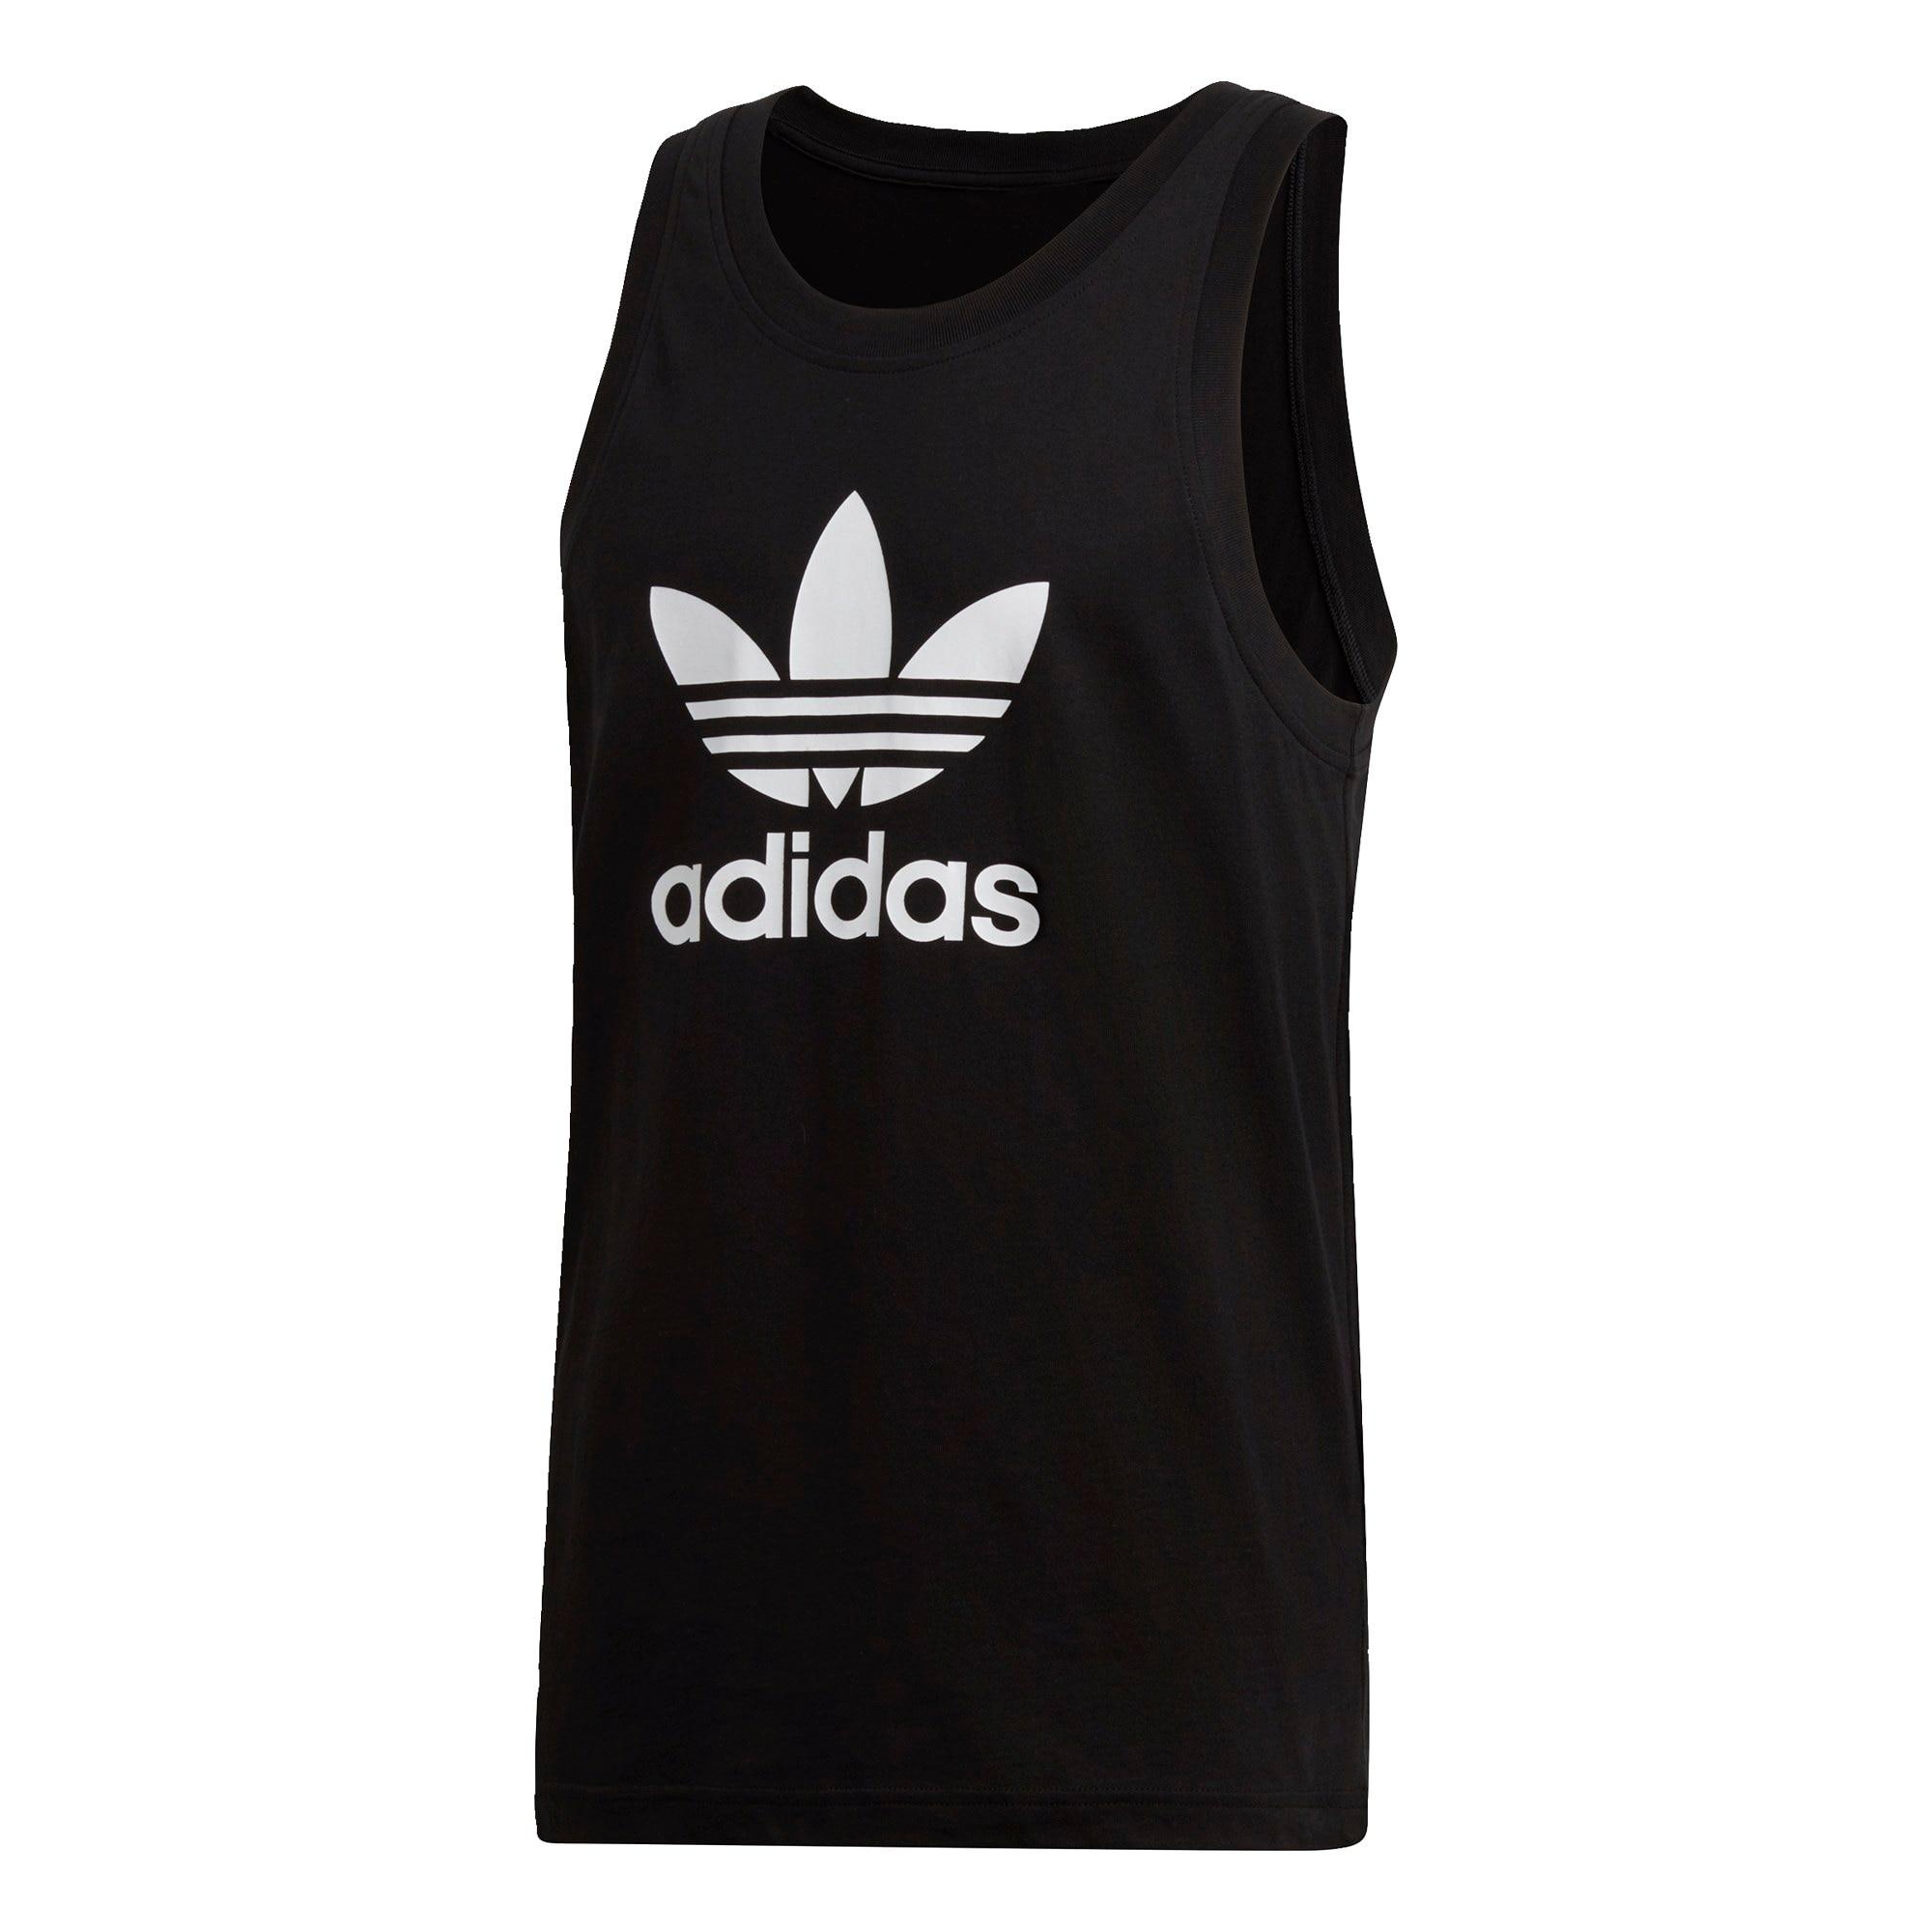 ADIDAS ORIGINALS Marškinėliai 'Trefoil' balta / juoda